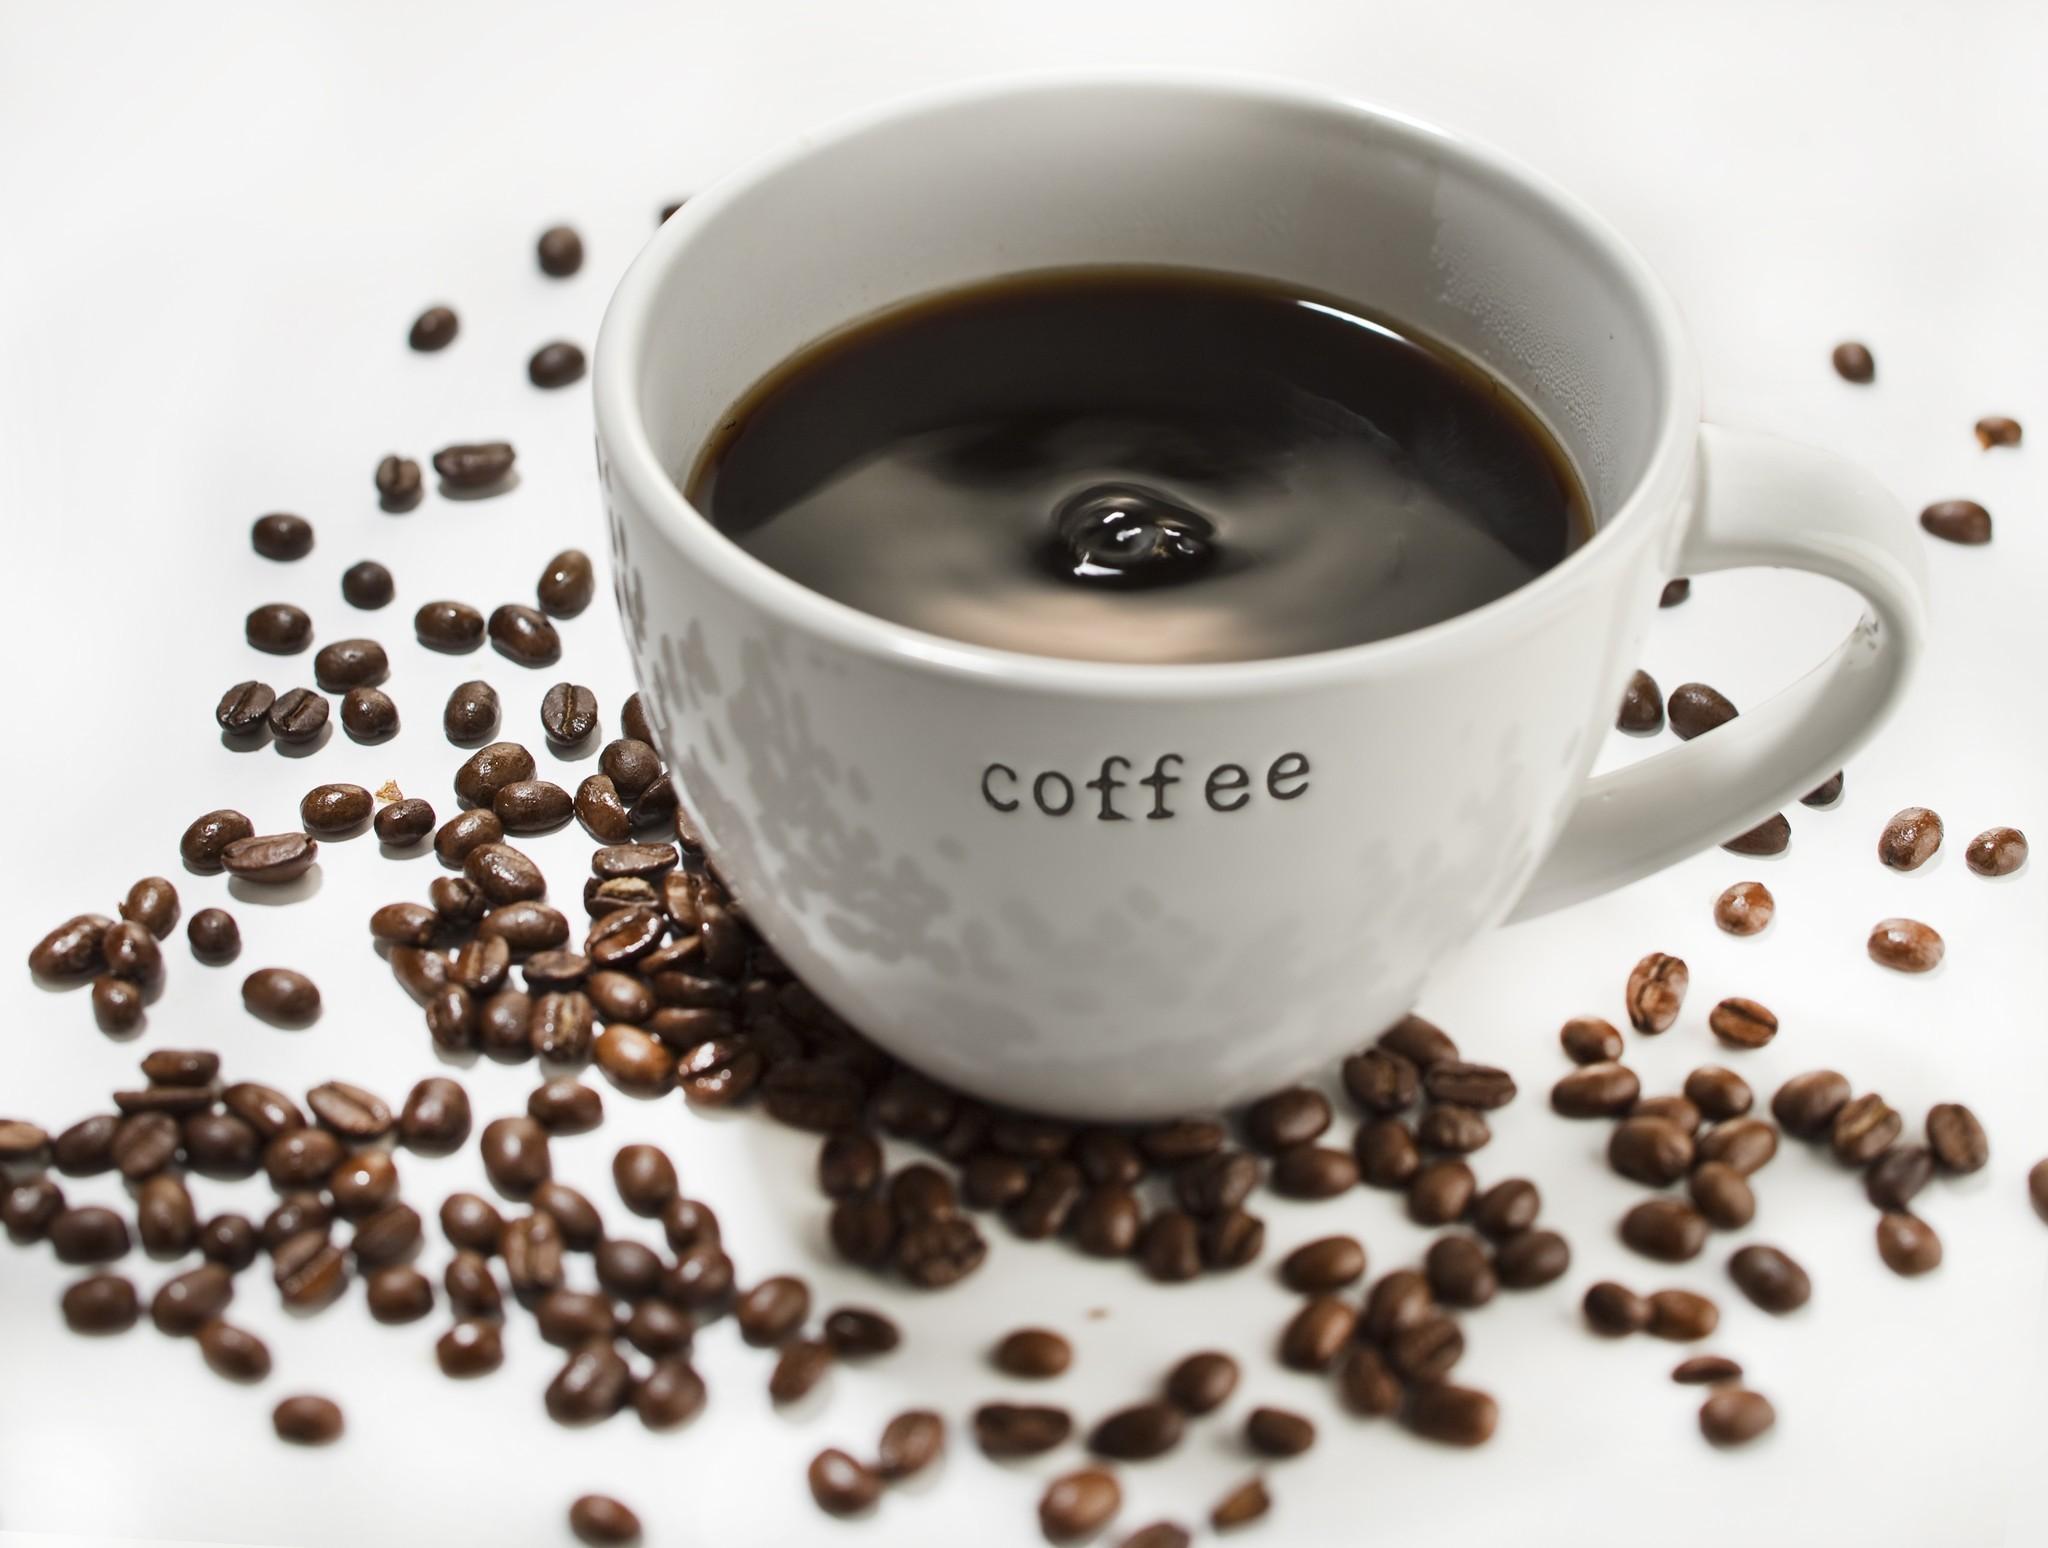 Can You Buy Krispy Kreme Coffee Online